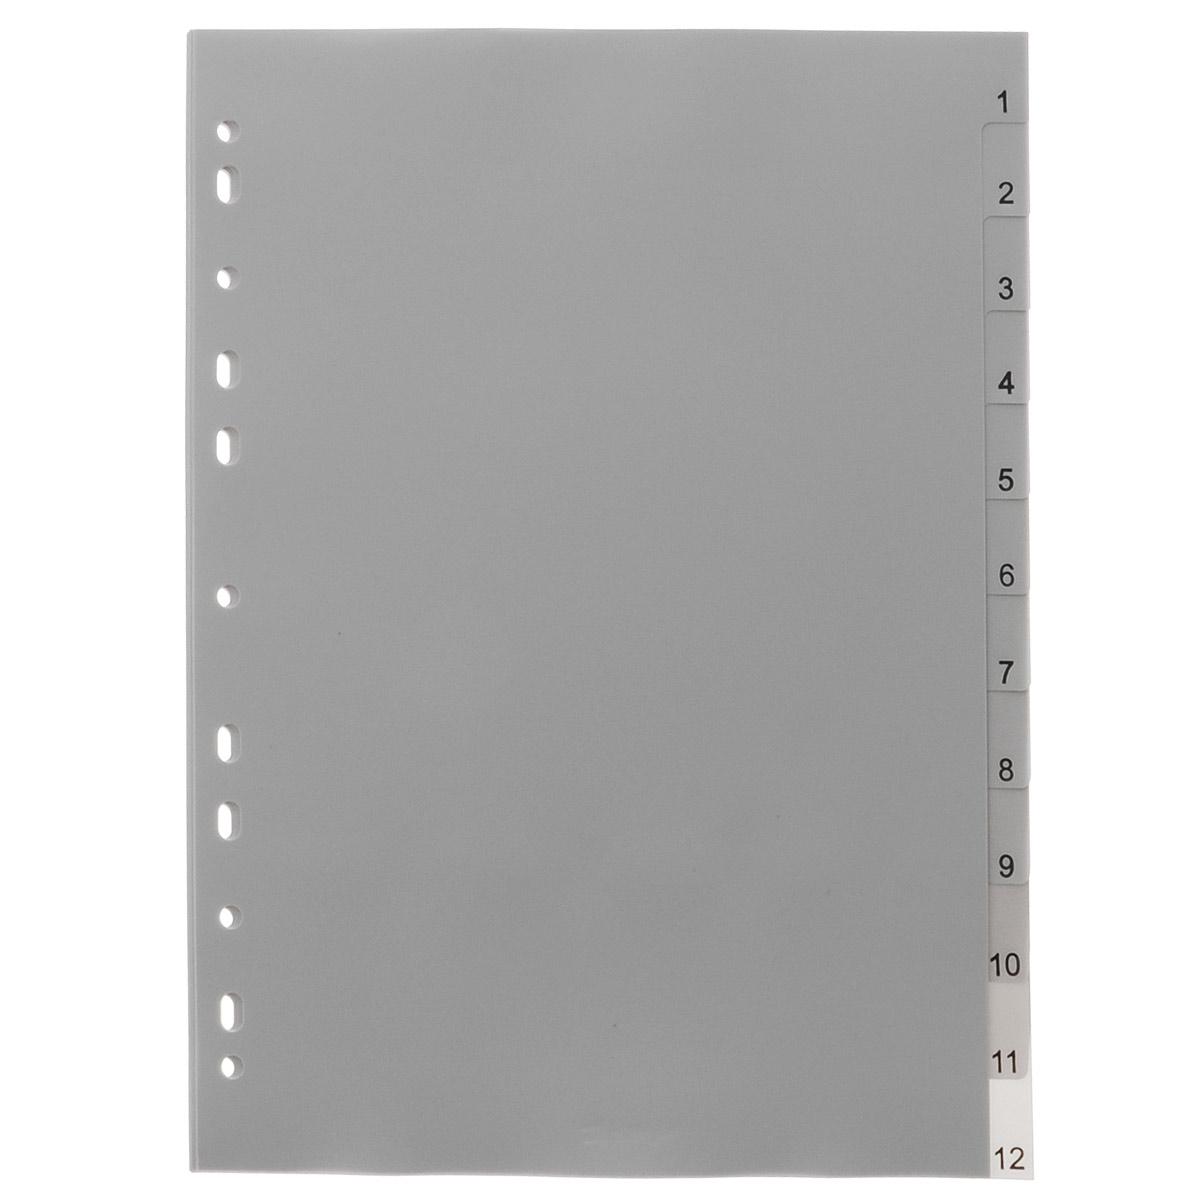 Набор разделителей листов Berlingo станет незаменимой канцелярской принадлежностью в вашей работе. Разделители листов выполнены из высококачественного пластика серого цвета. Они предназначены для учета, классификации и удобной систематизации документов формата А4 в архивных папках, папках-регистраторах, скоросшивателях. В набор входят 12 разделителей с цифровой вырубкой (от 1 до 12) и титульный лист, выполненный из плотной бумаги. Универсальная боковая перфорация, состоящая из 11 отверстий, позволяет использовать разделители в папках с различными механизмами подшивания.